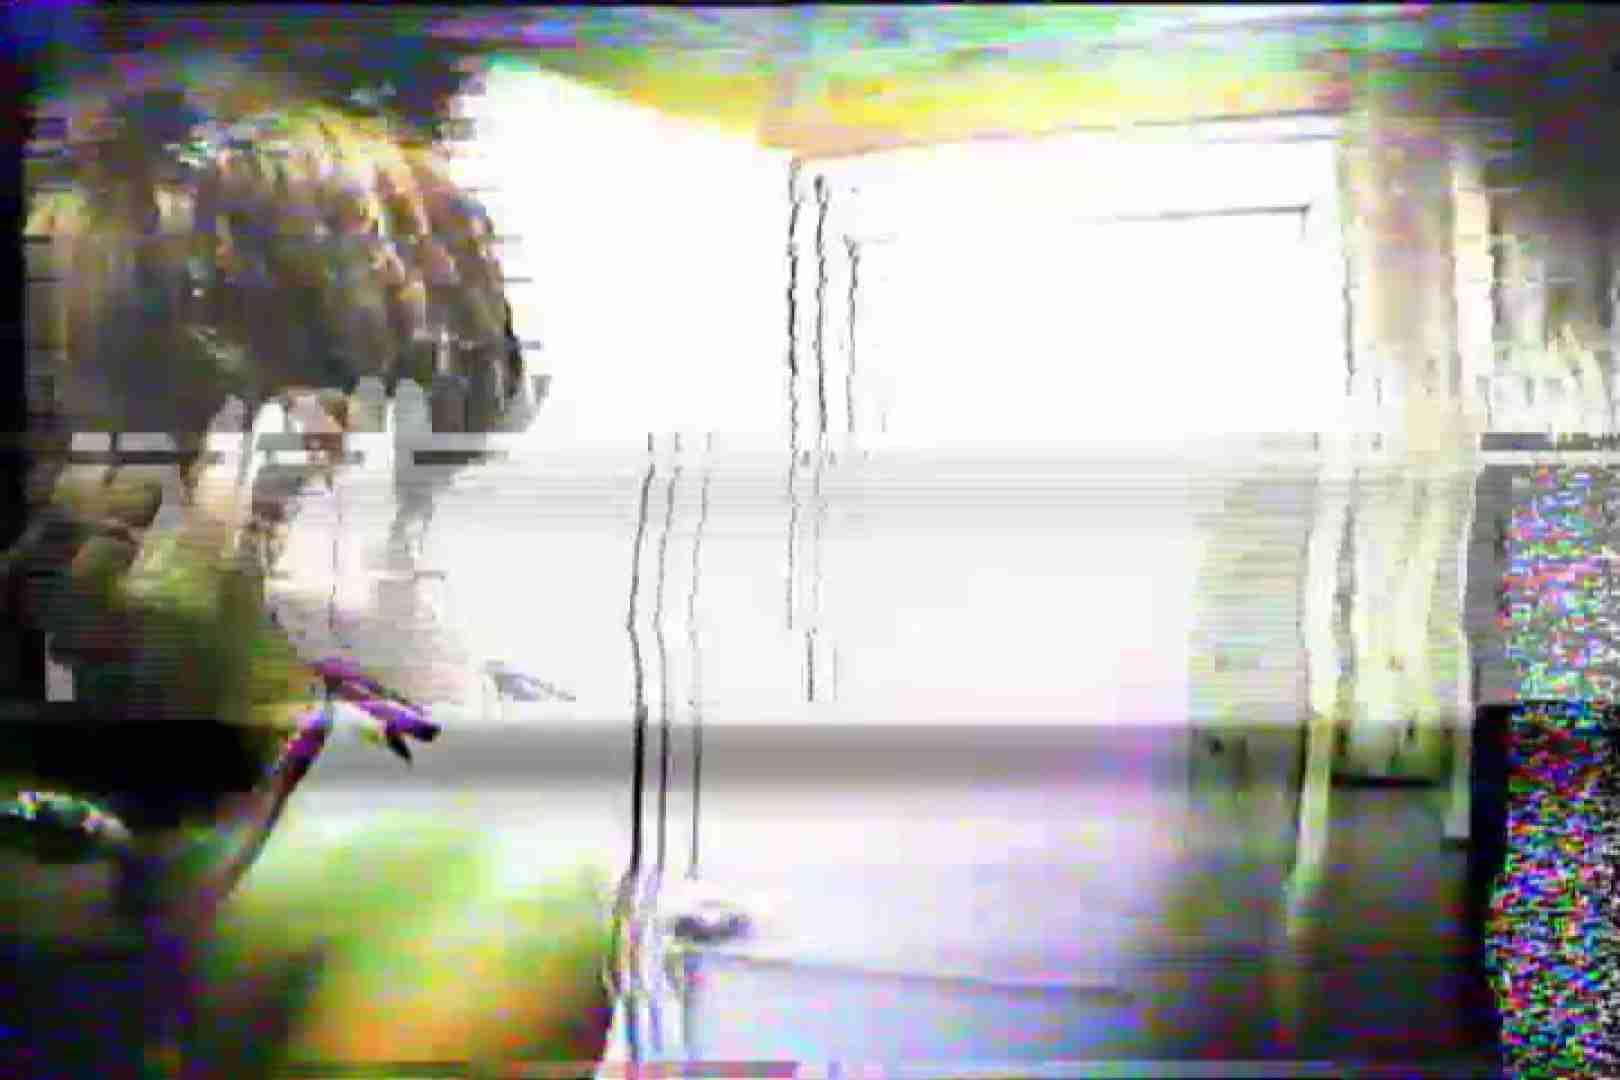 海の家の更衣室 Vol.20 OL | シャワー中  54連発 44